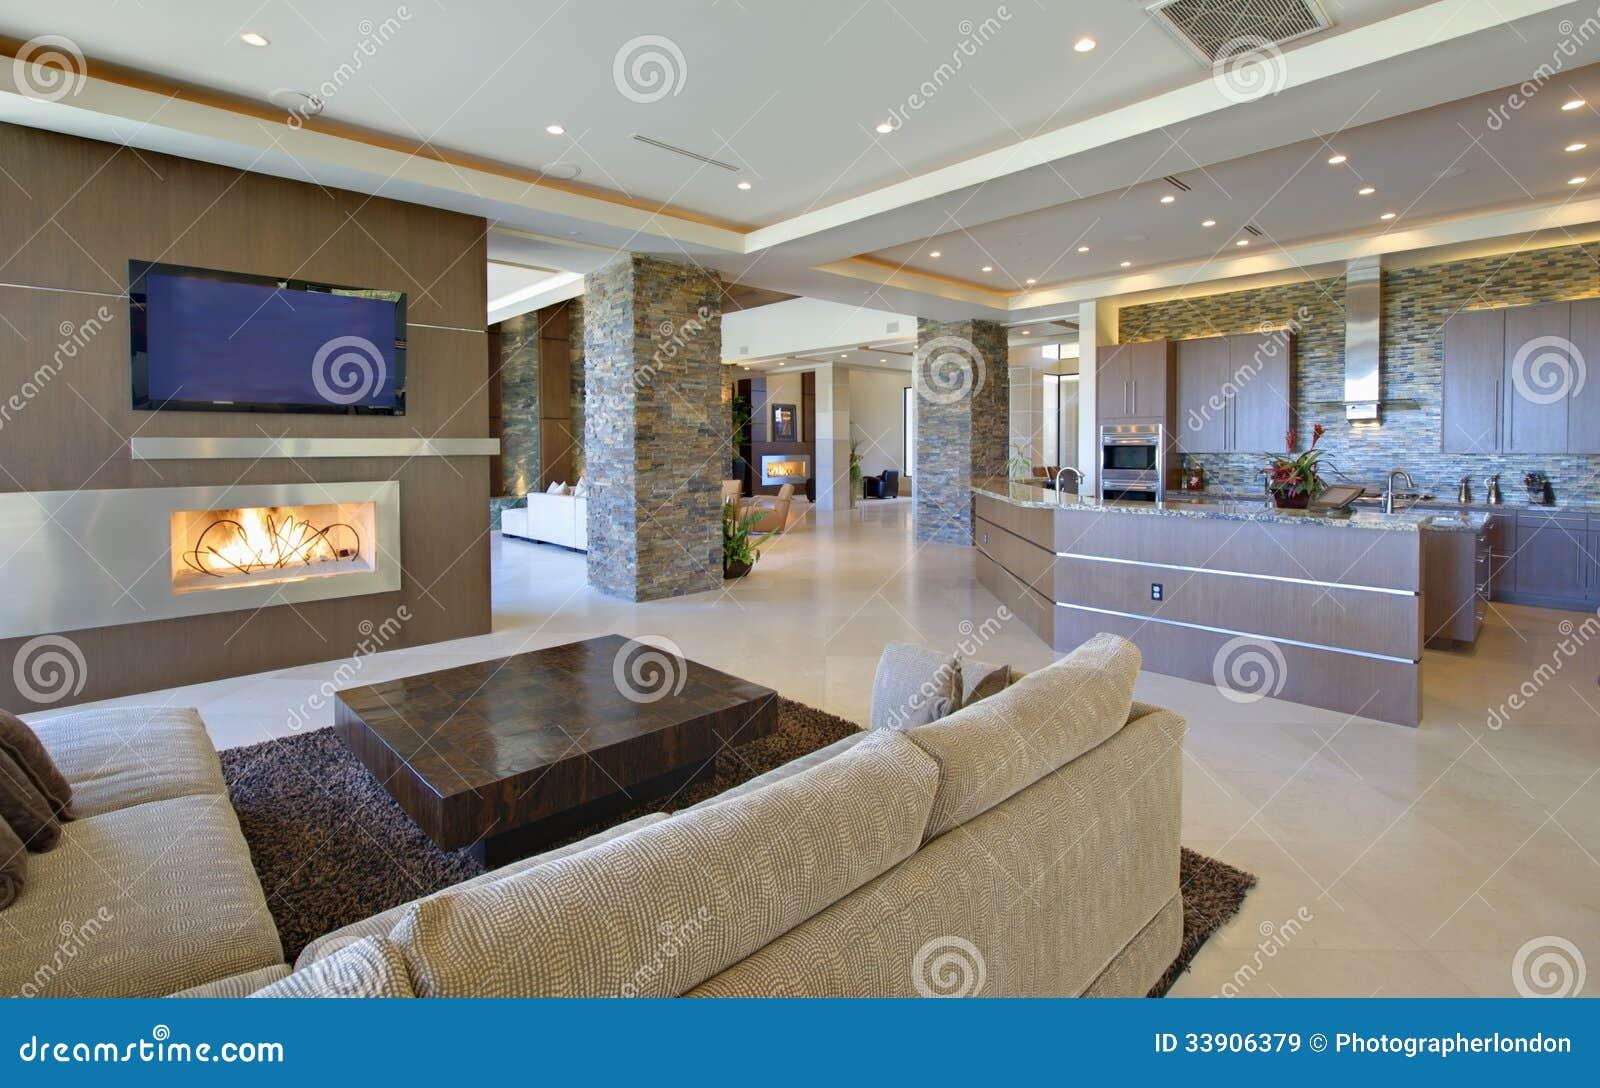 Moderne wohnzimmer mit offener küche  Wohnzimmer Mit Offener Küche Stockbild - Bild von zuhause ...